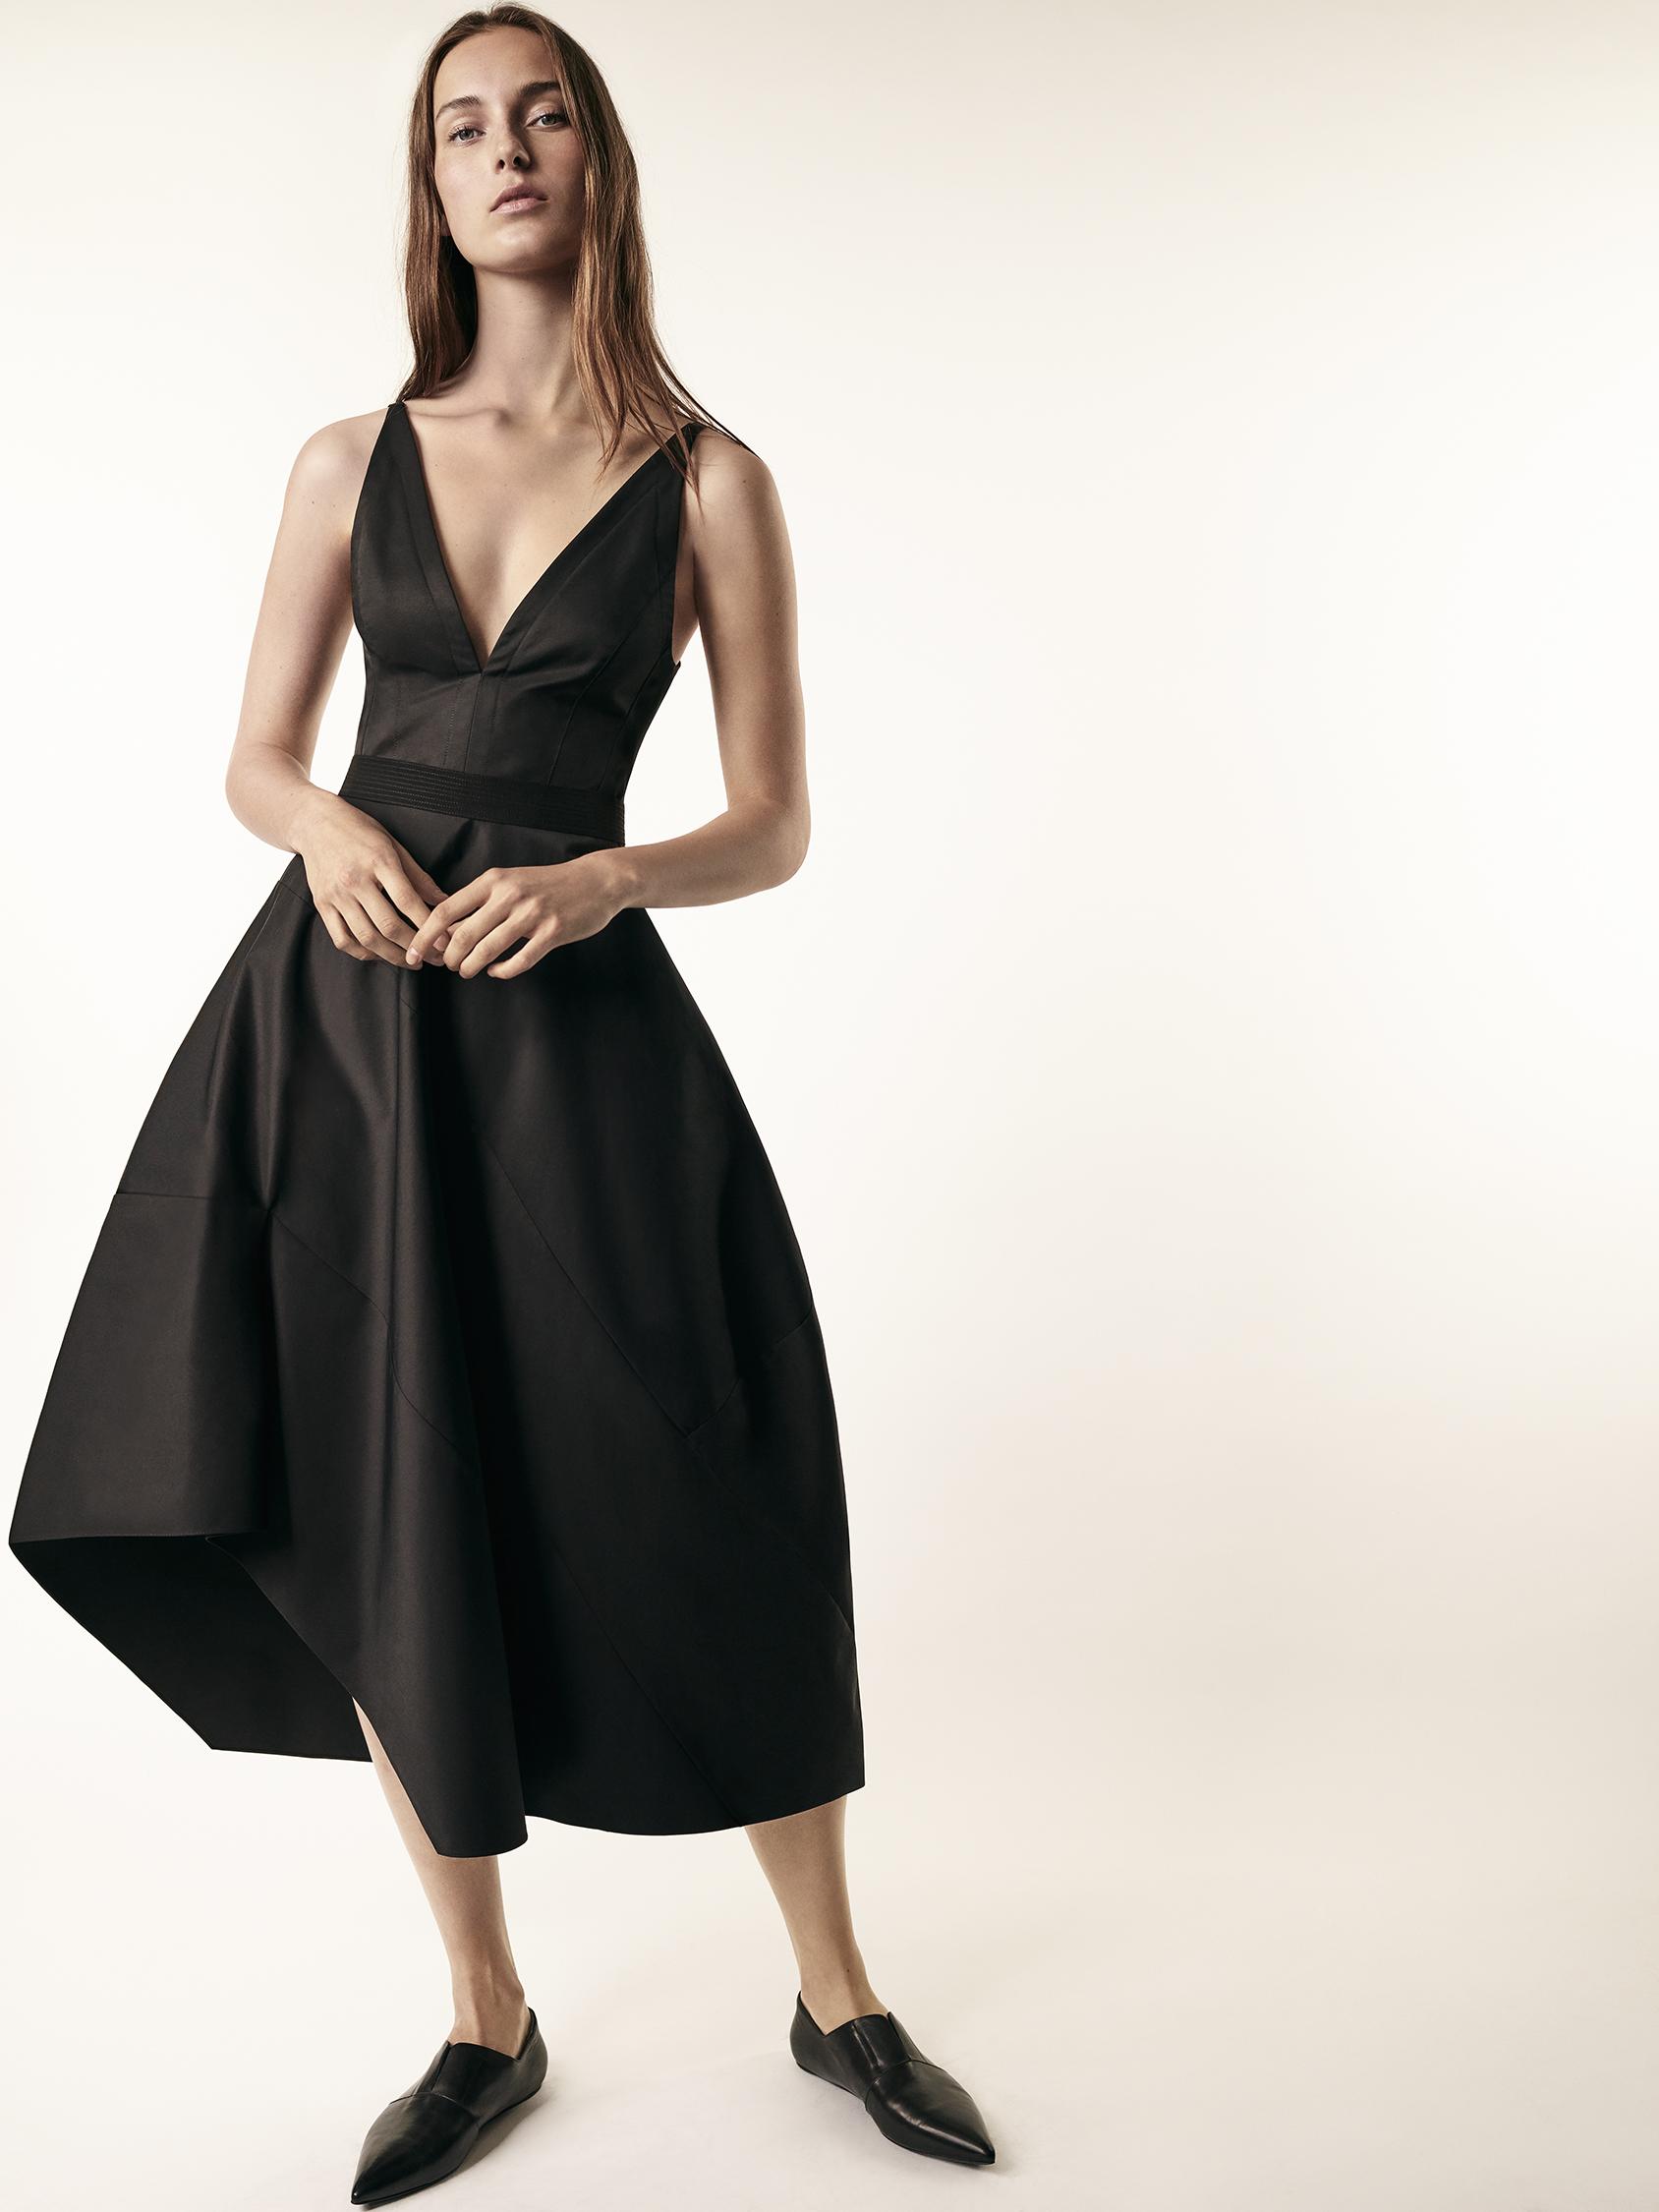 Look 2 Black cotton v-neck dress with full skirt.